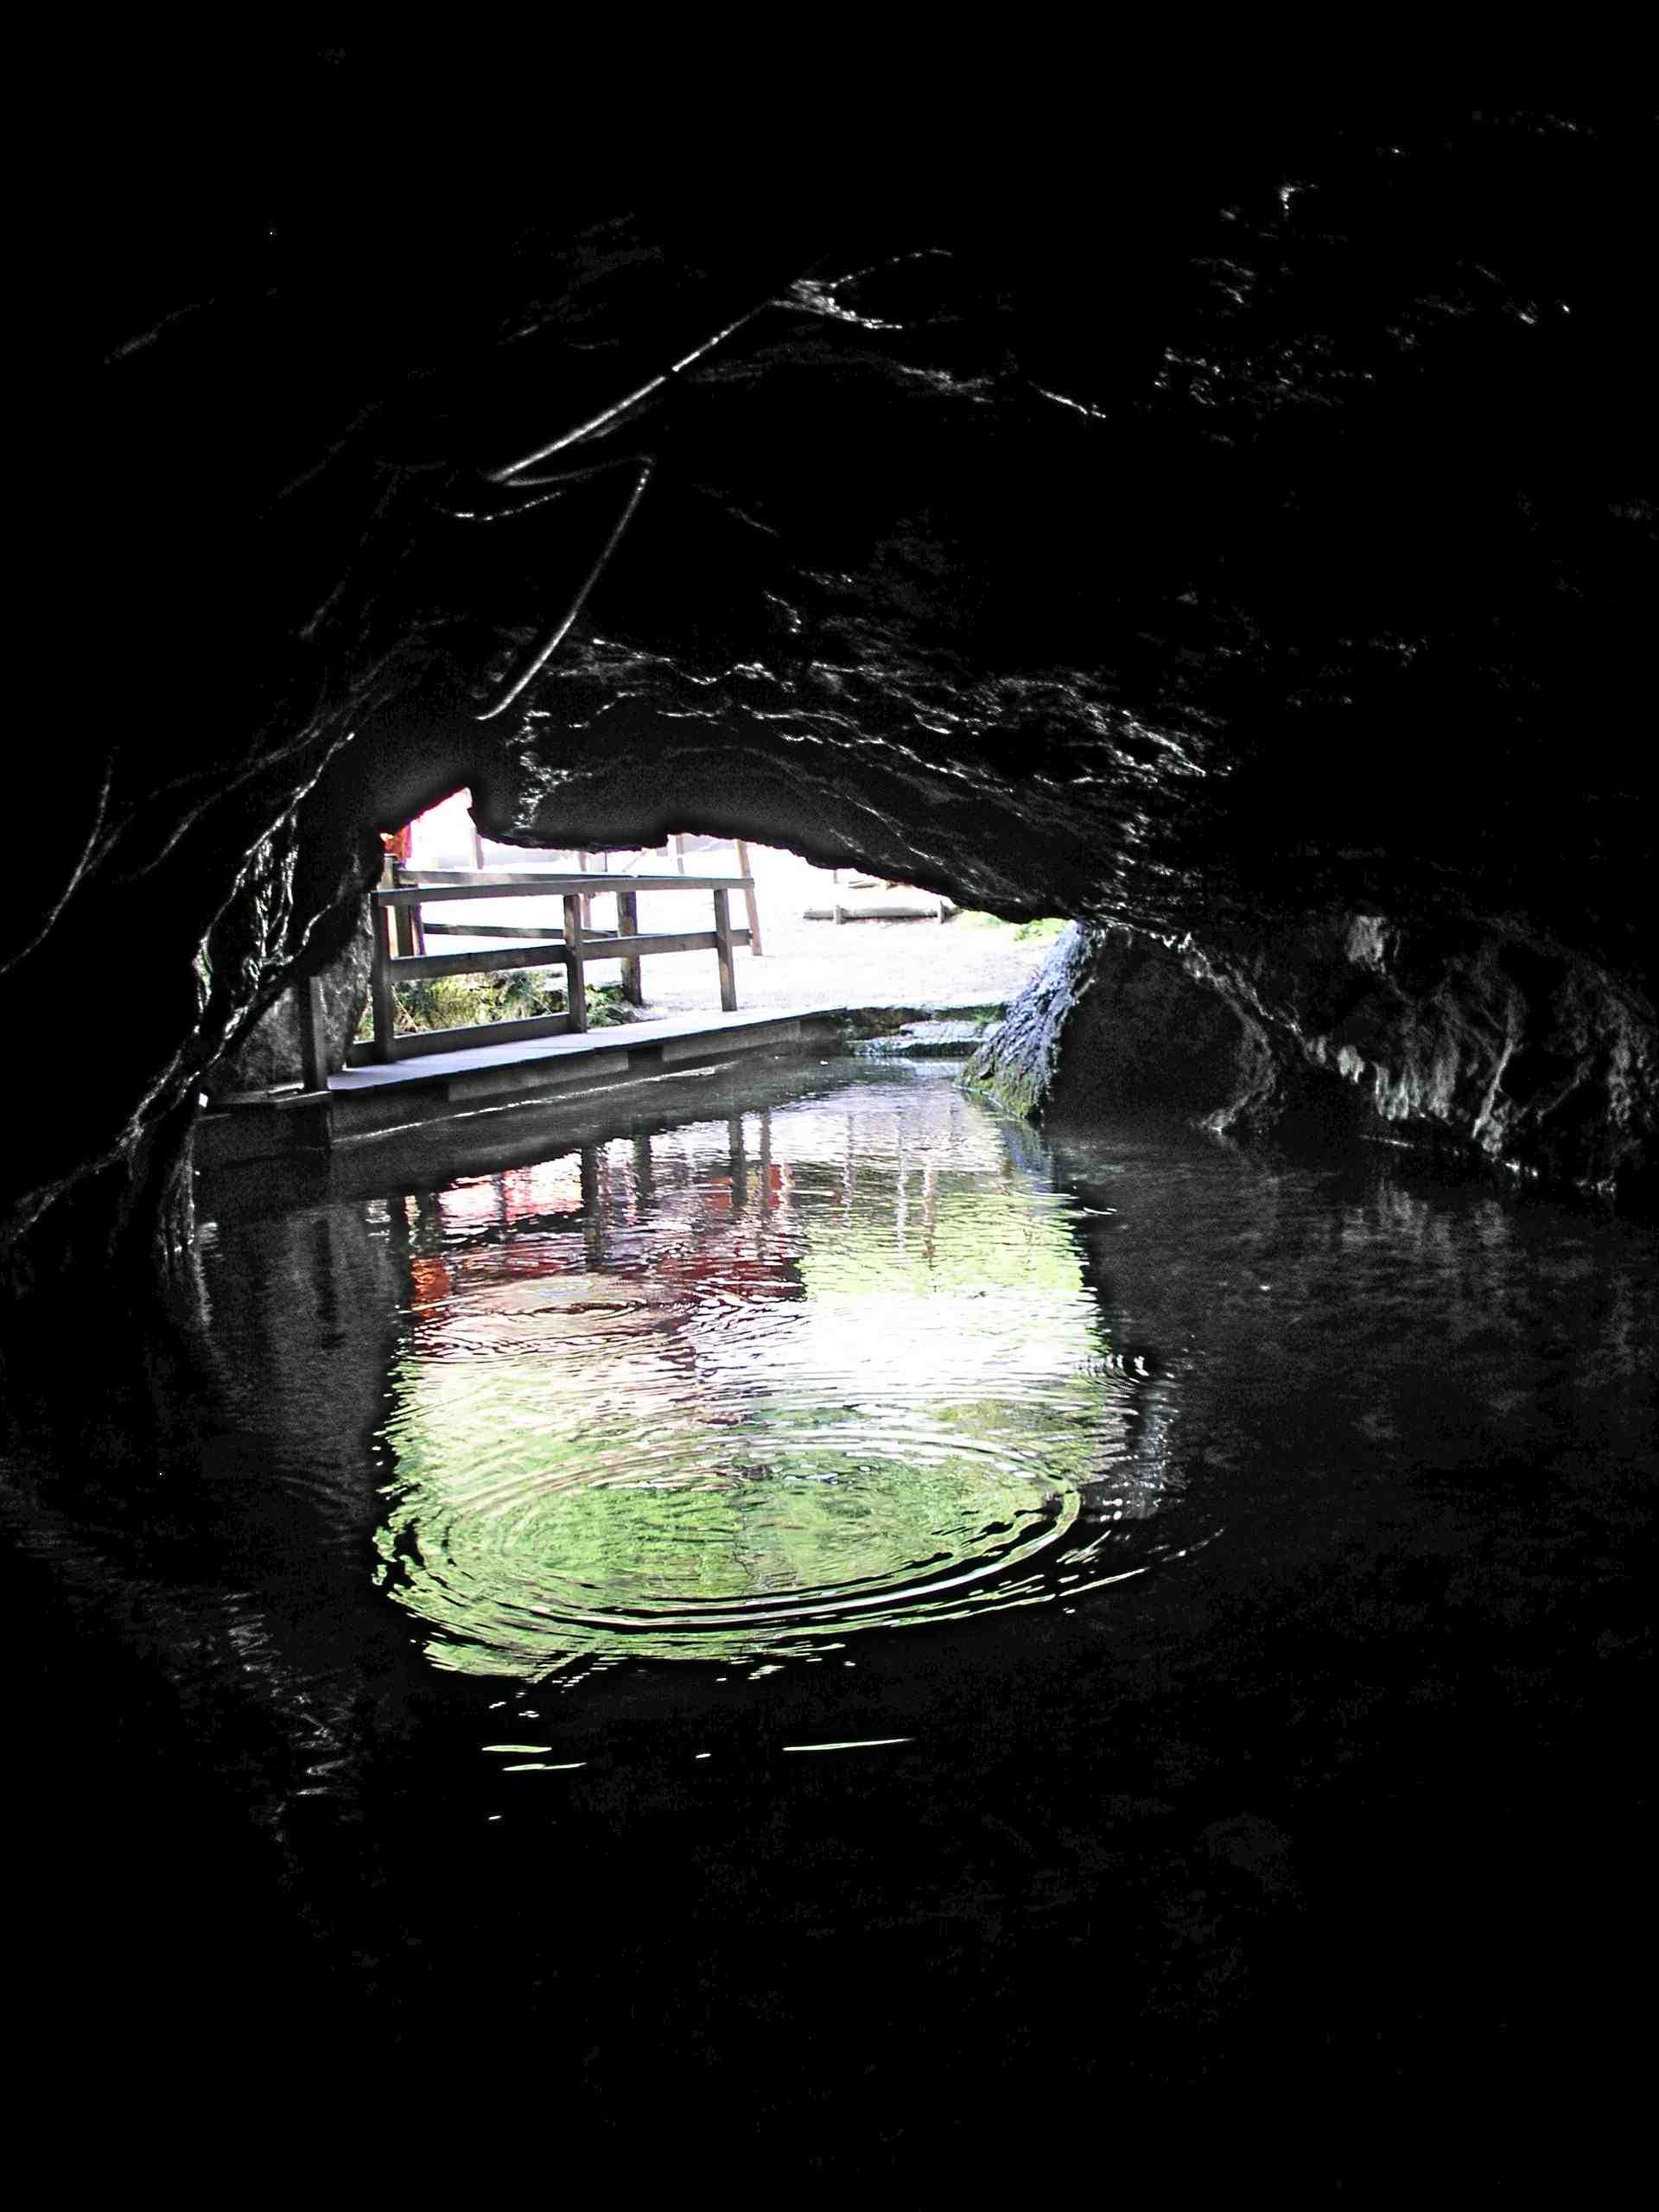 Die einzige Höhle in Deutschland, die mit einem Kahn zu befahren ist, befindet sich auf der schwäbischen Alb: Die Wimsener Höhle. Foto:(c) Kinderoutdoor.de